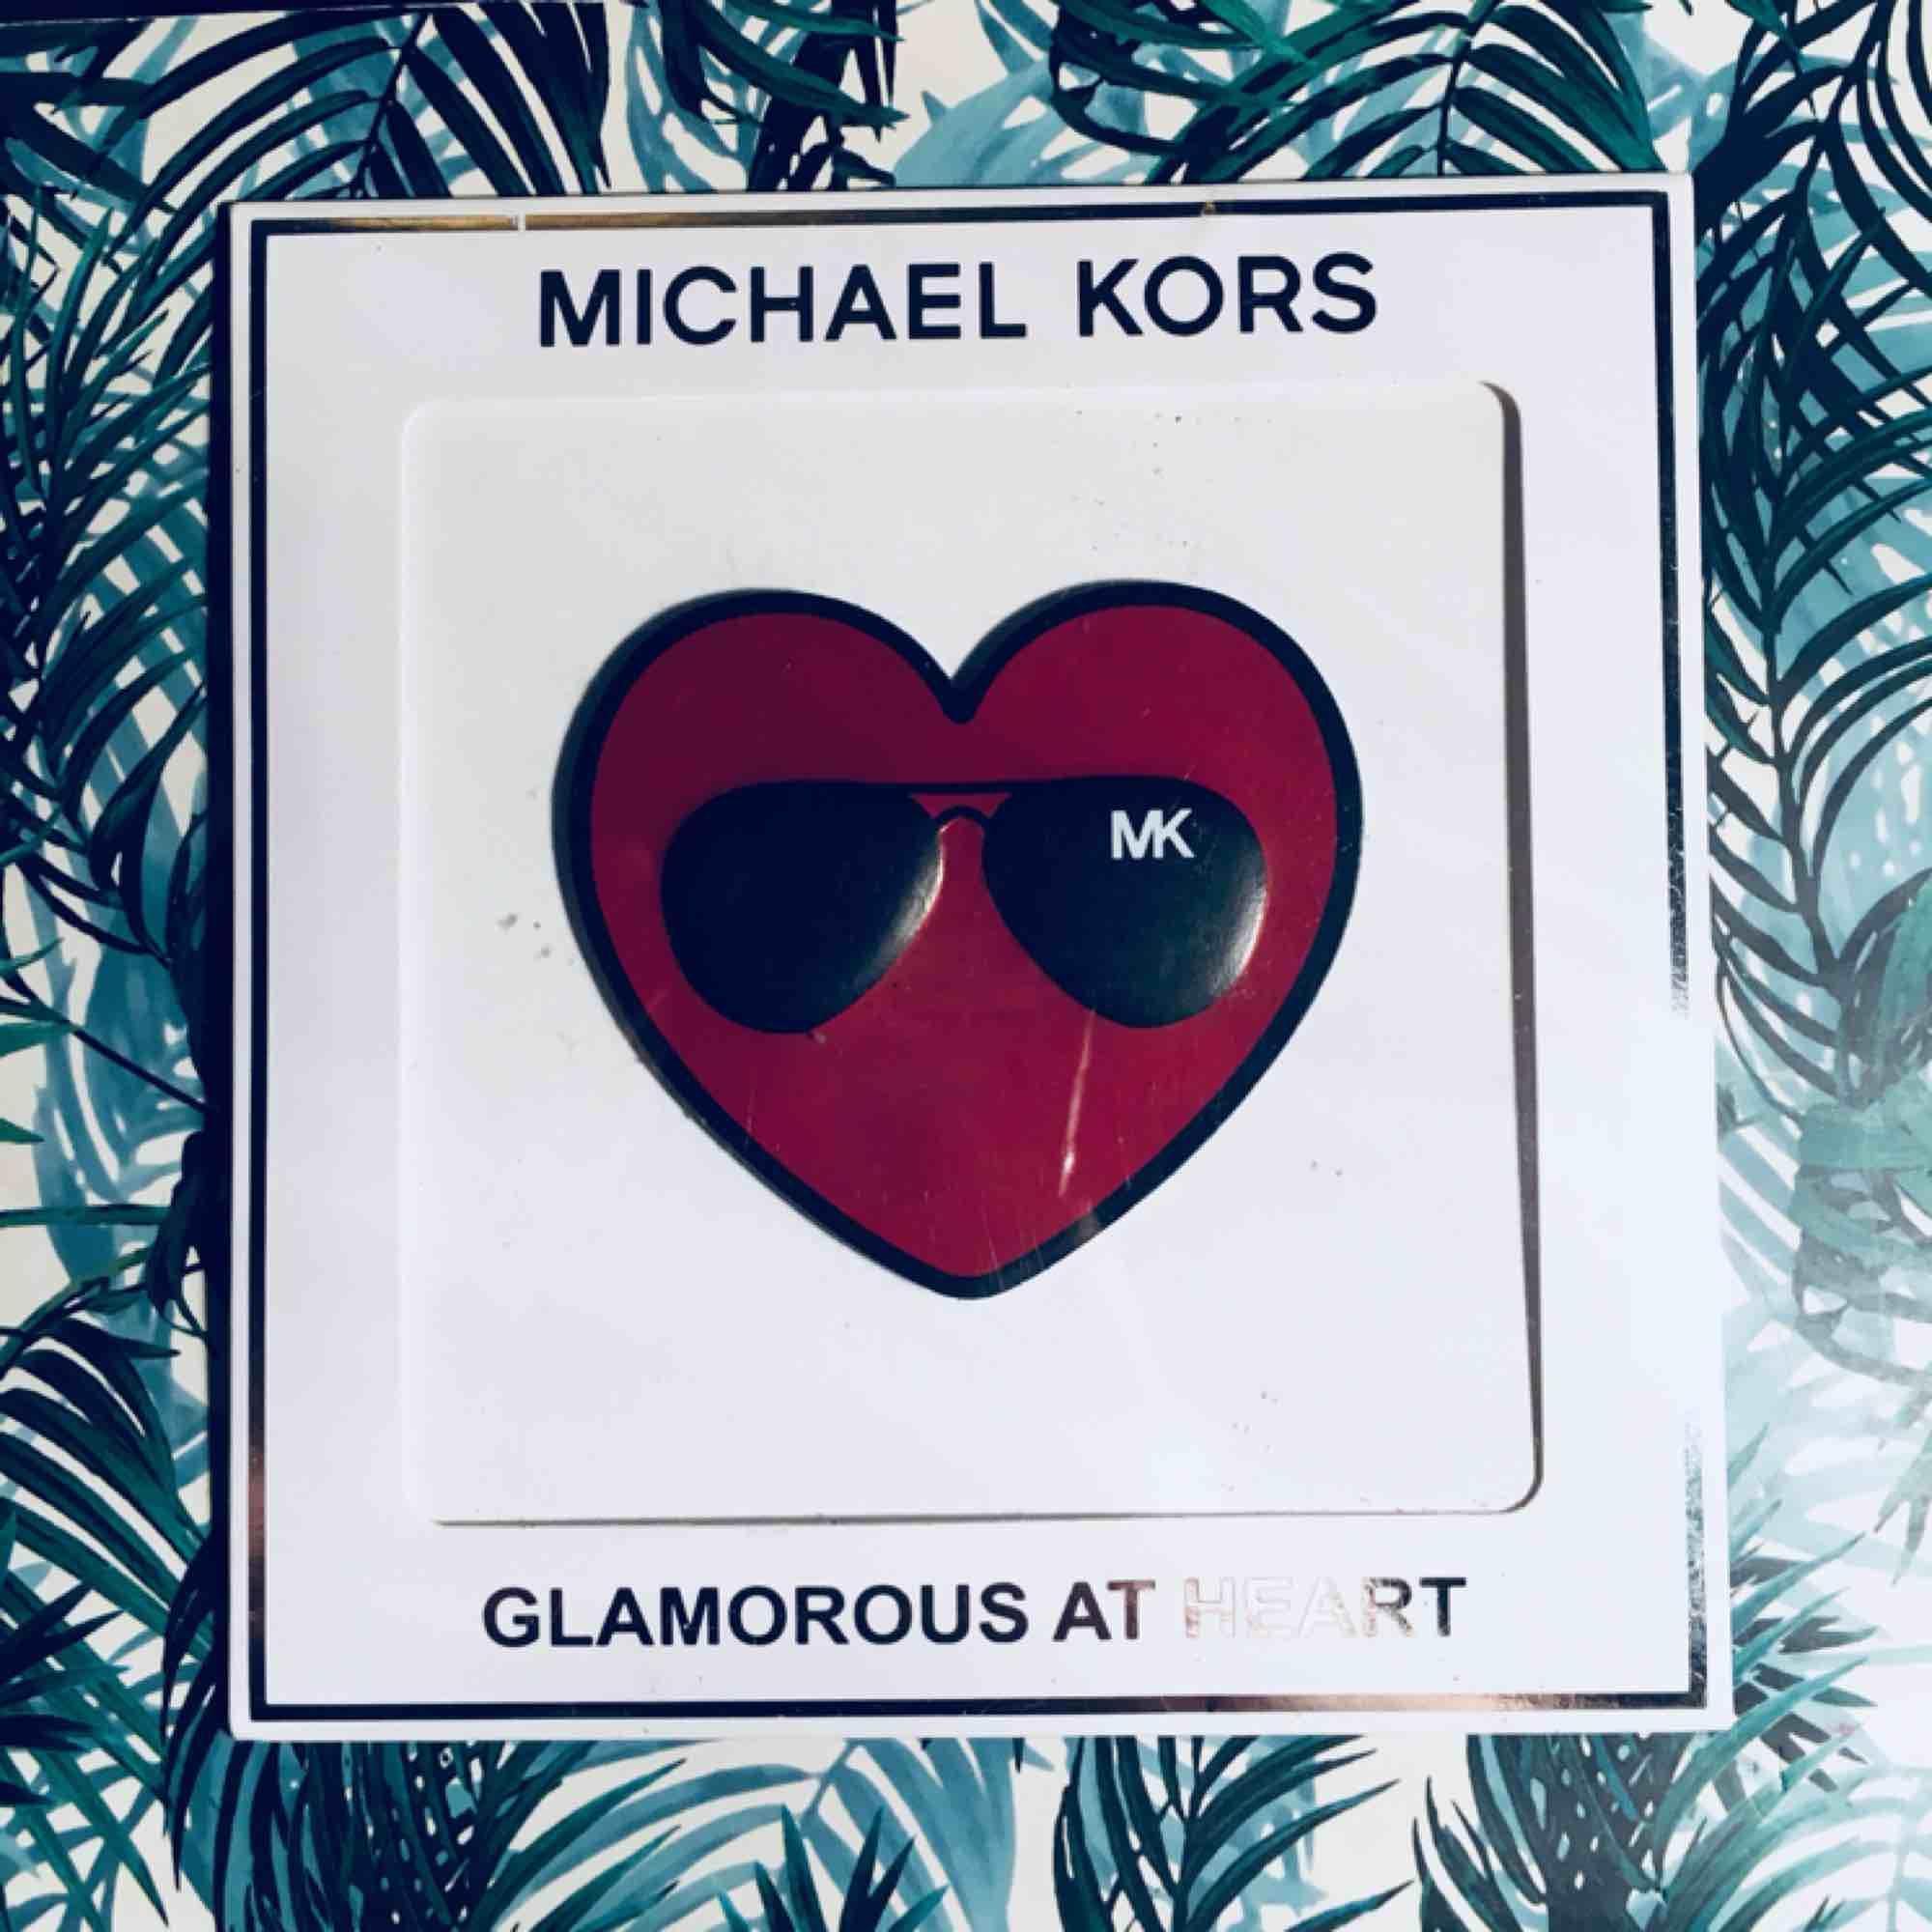 Säljer en sticker som ska sättas på väskan från Michel kors! Supergulligt sätt att pimpa upp en väska🌟🌟🌟 Frakt 15 kr . Accessoarer.